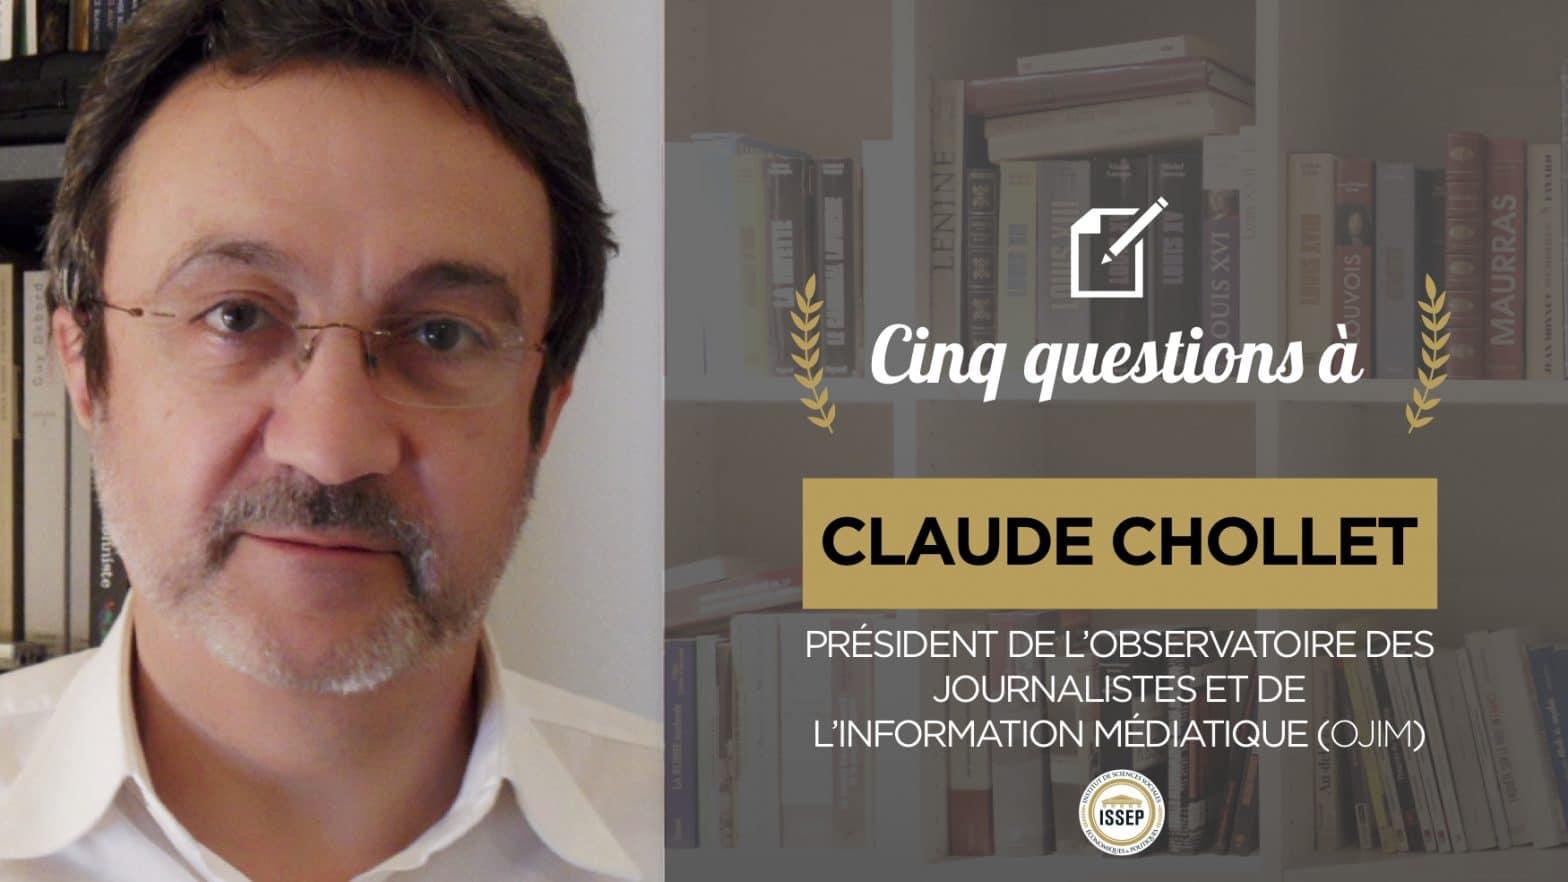 Cinq questions à Claude Chollet - L'observatoire du journalisme, par Louise et Michel, étudiants à l'ISSEP